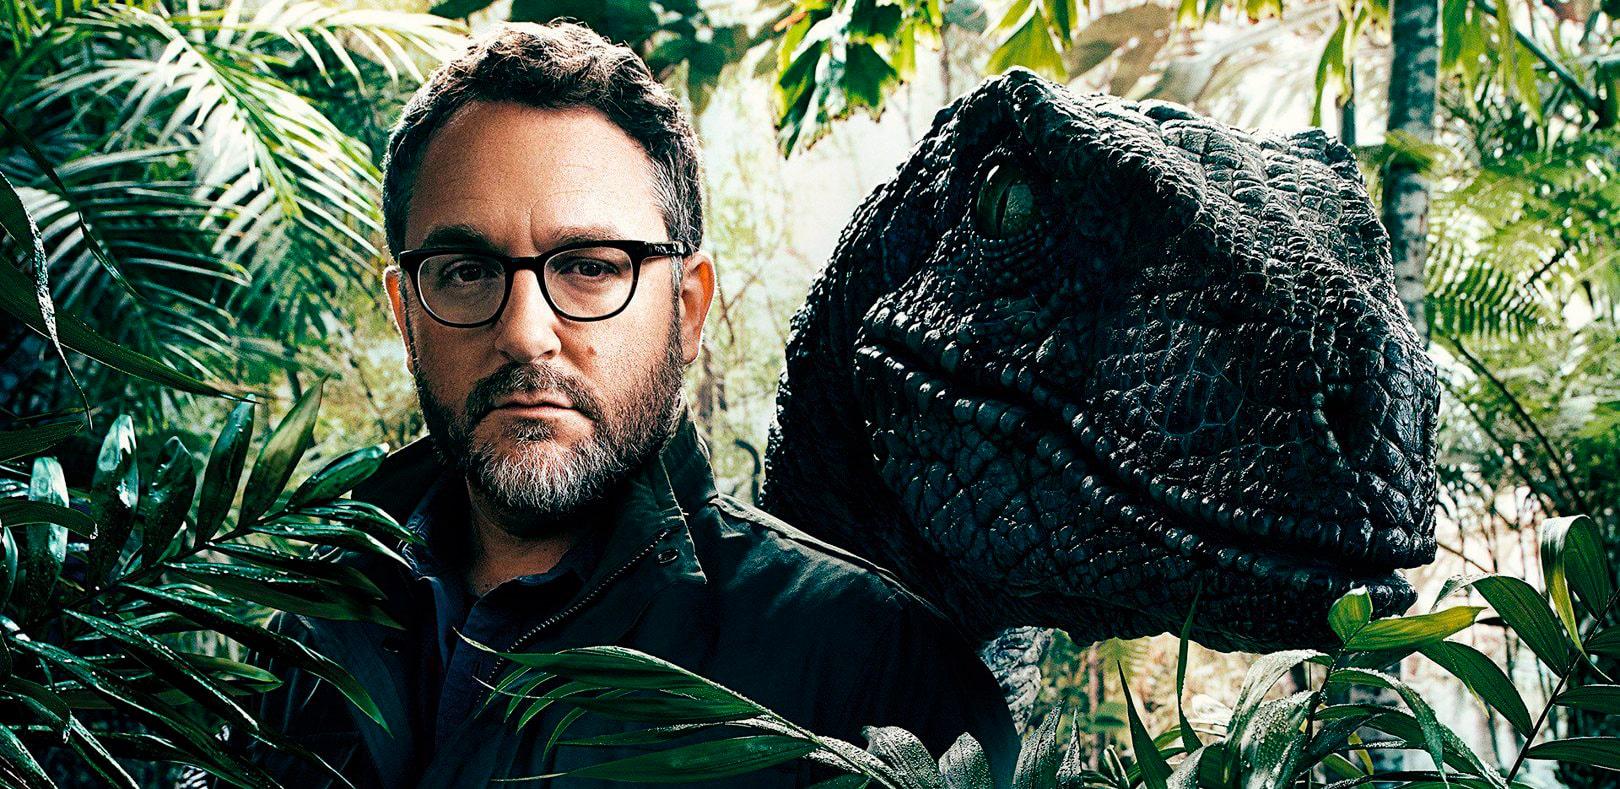 Colin Trevorrow regresará a dirigir Jurassic World 3 anuncia Steven Spielberg